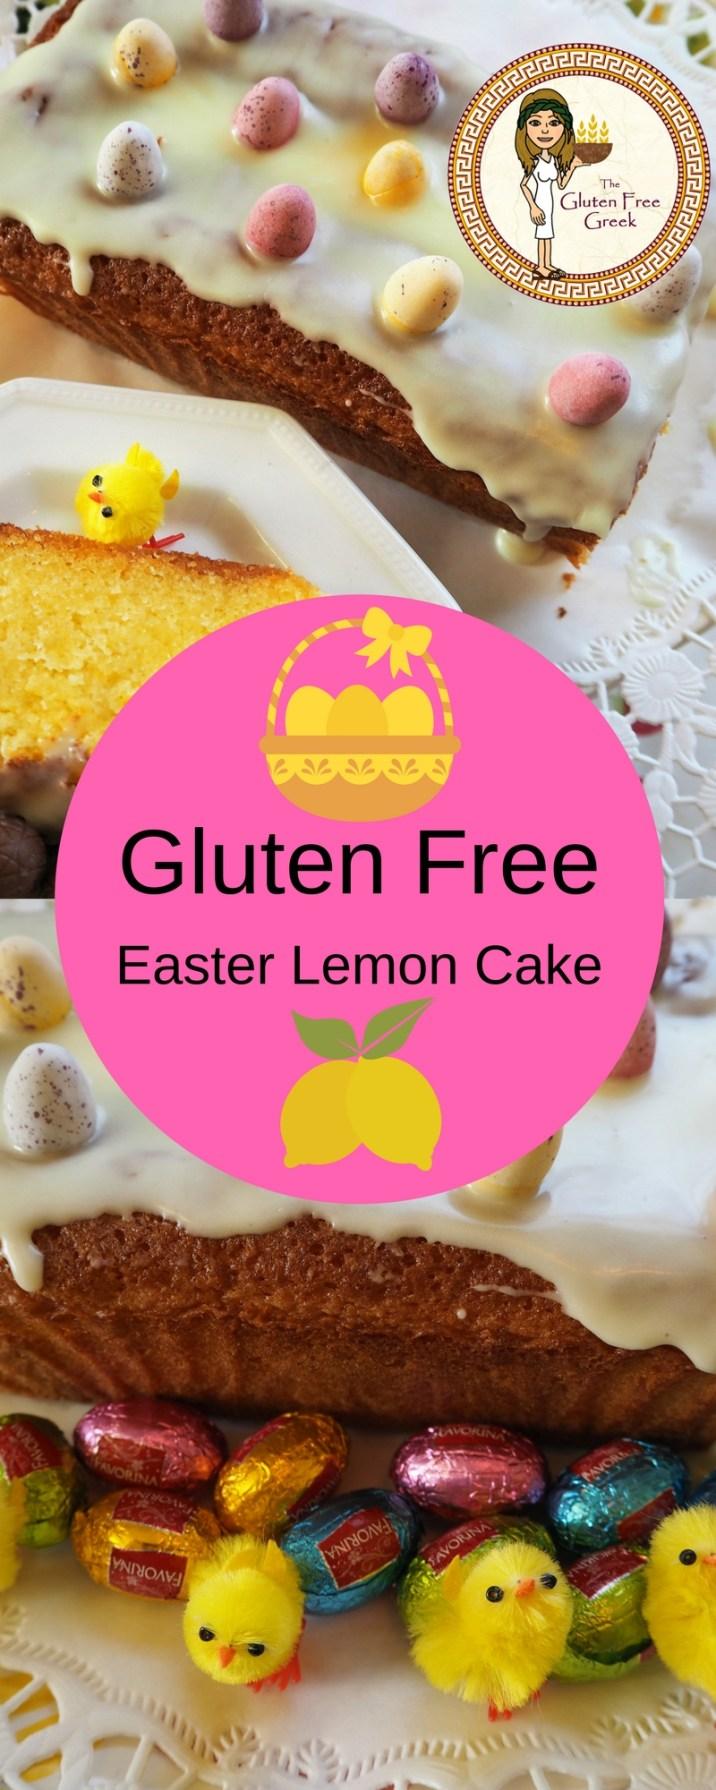 Gluten Free Lemon Cake pinterest